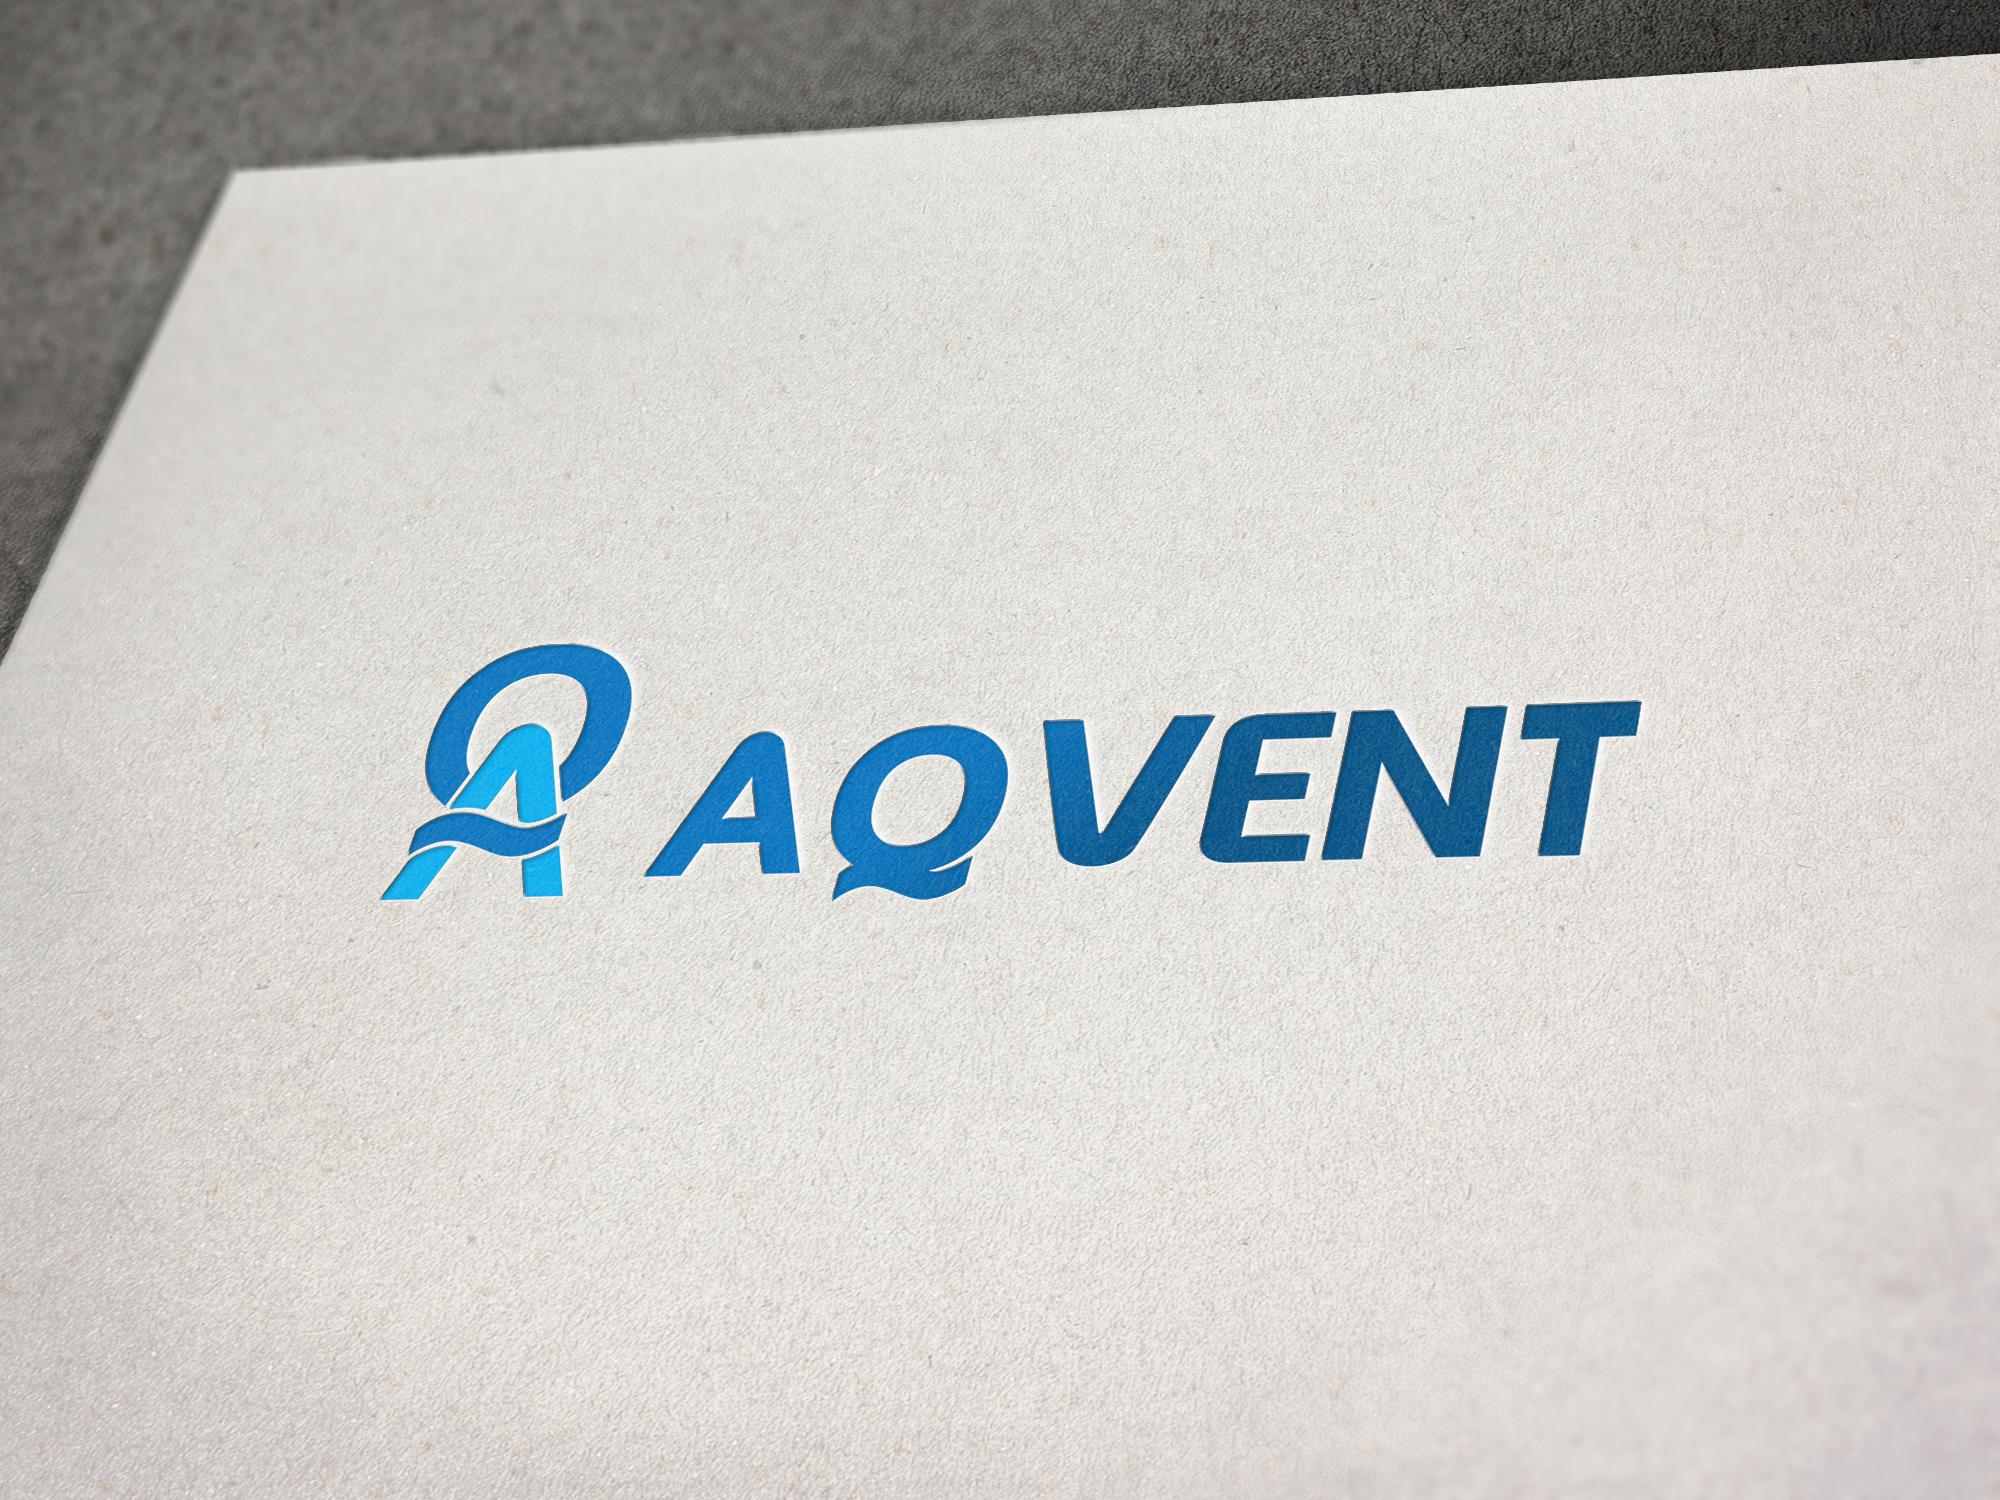 Логотип AQVENT фото f_615528cfb100466a.jpg